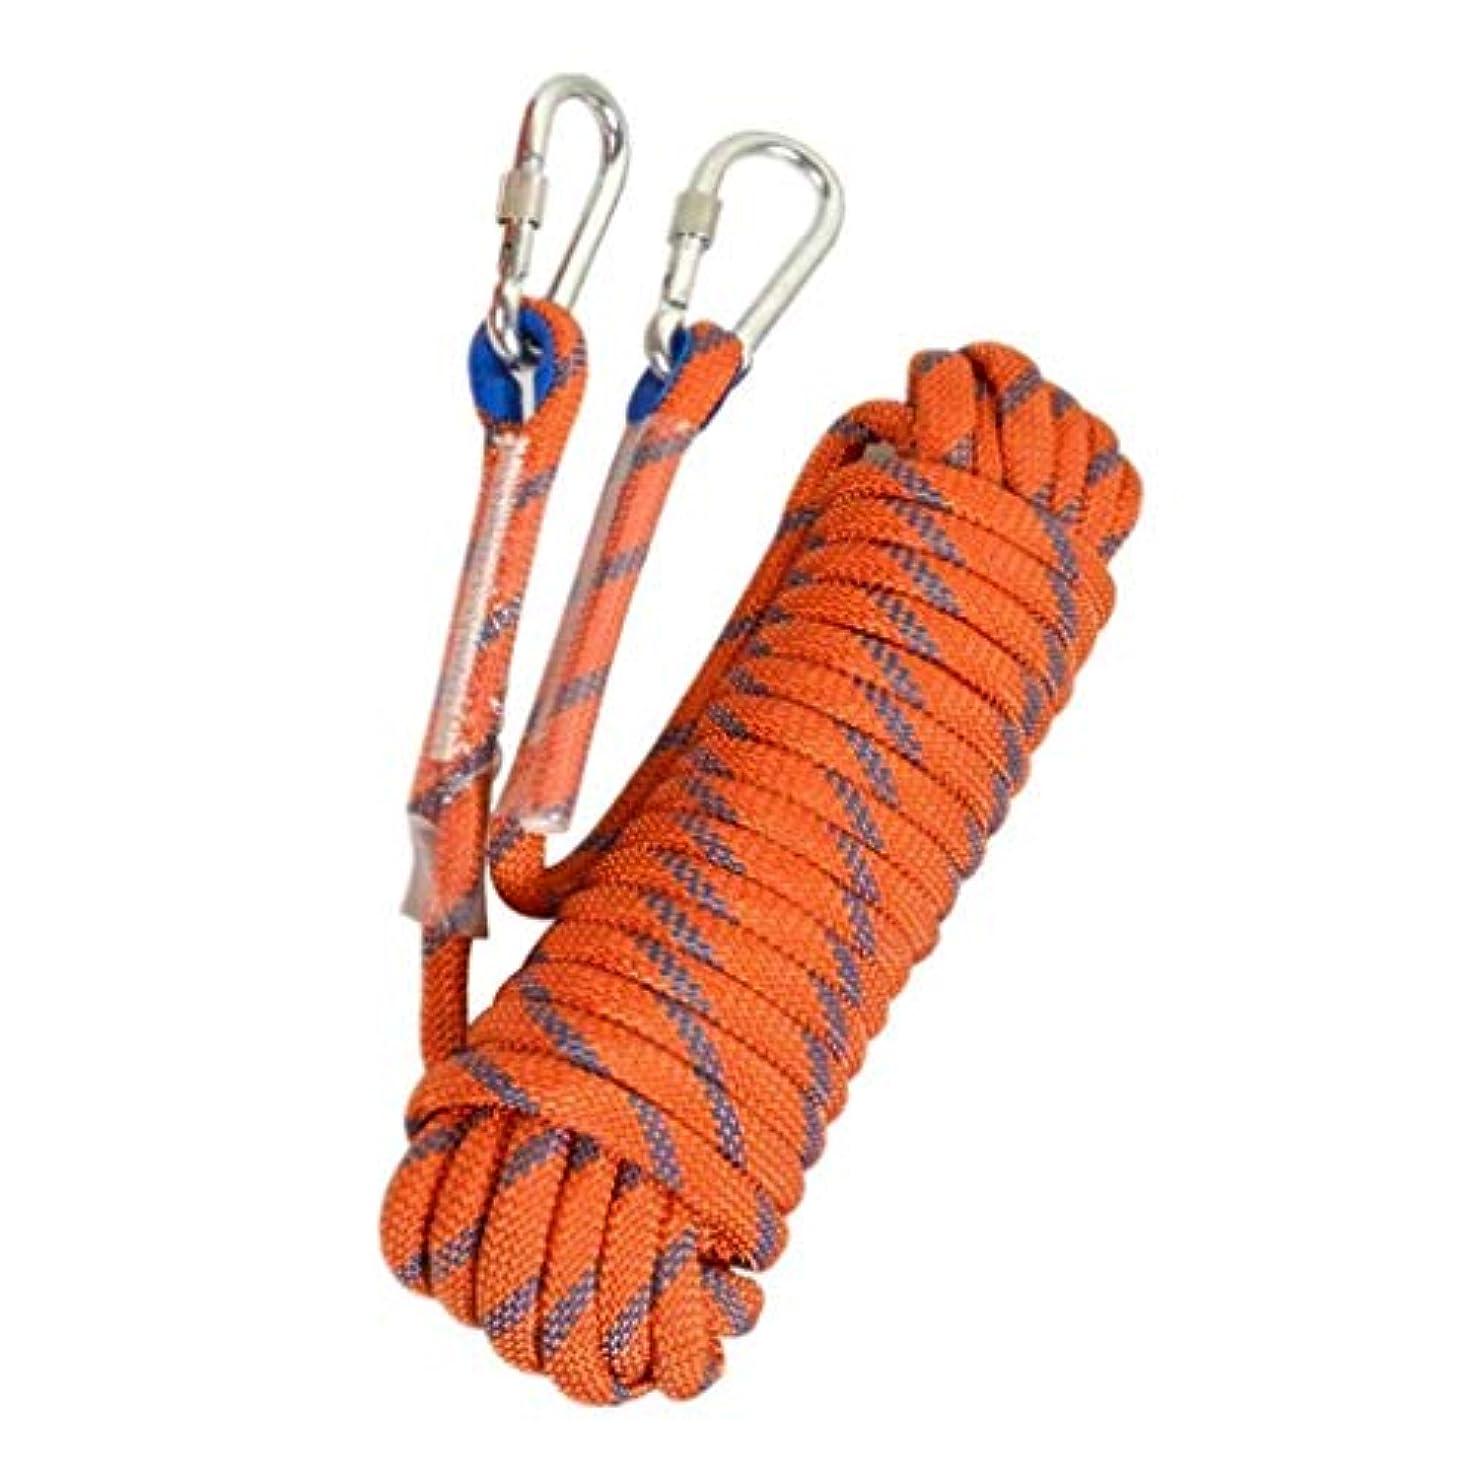 見るブラウズおいしいロッククライミングロープメーター、屋外火災エスケープ救助パラシュート静的屋内ロープ、ヘビーデューティロープ、安全耐久性のある高品質